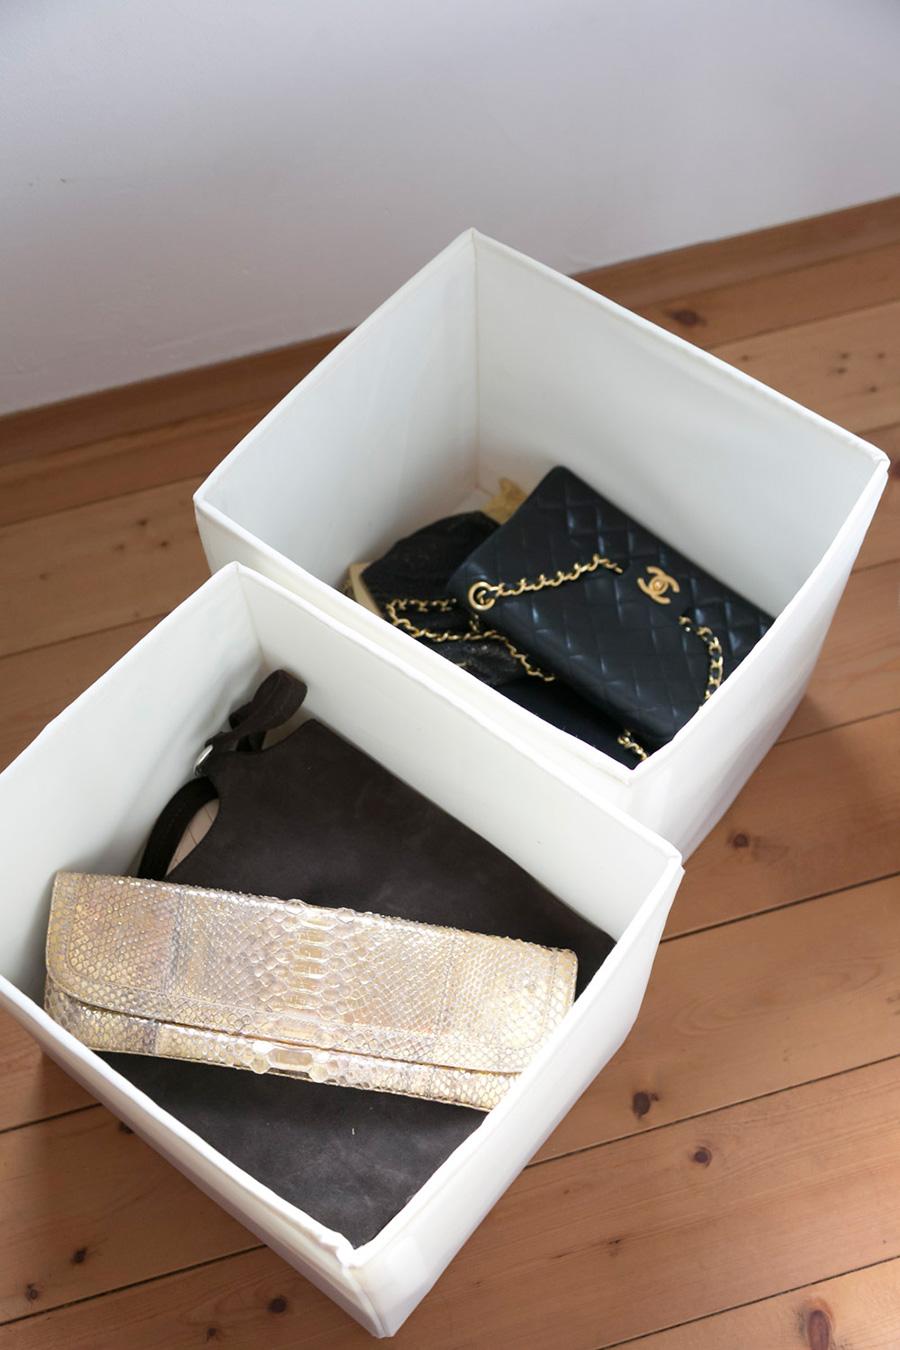 いつも使う大きめのバッグは棚の上に。たまにしか使わない小ぶりのバッグはカゴに入れて収納。